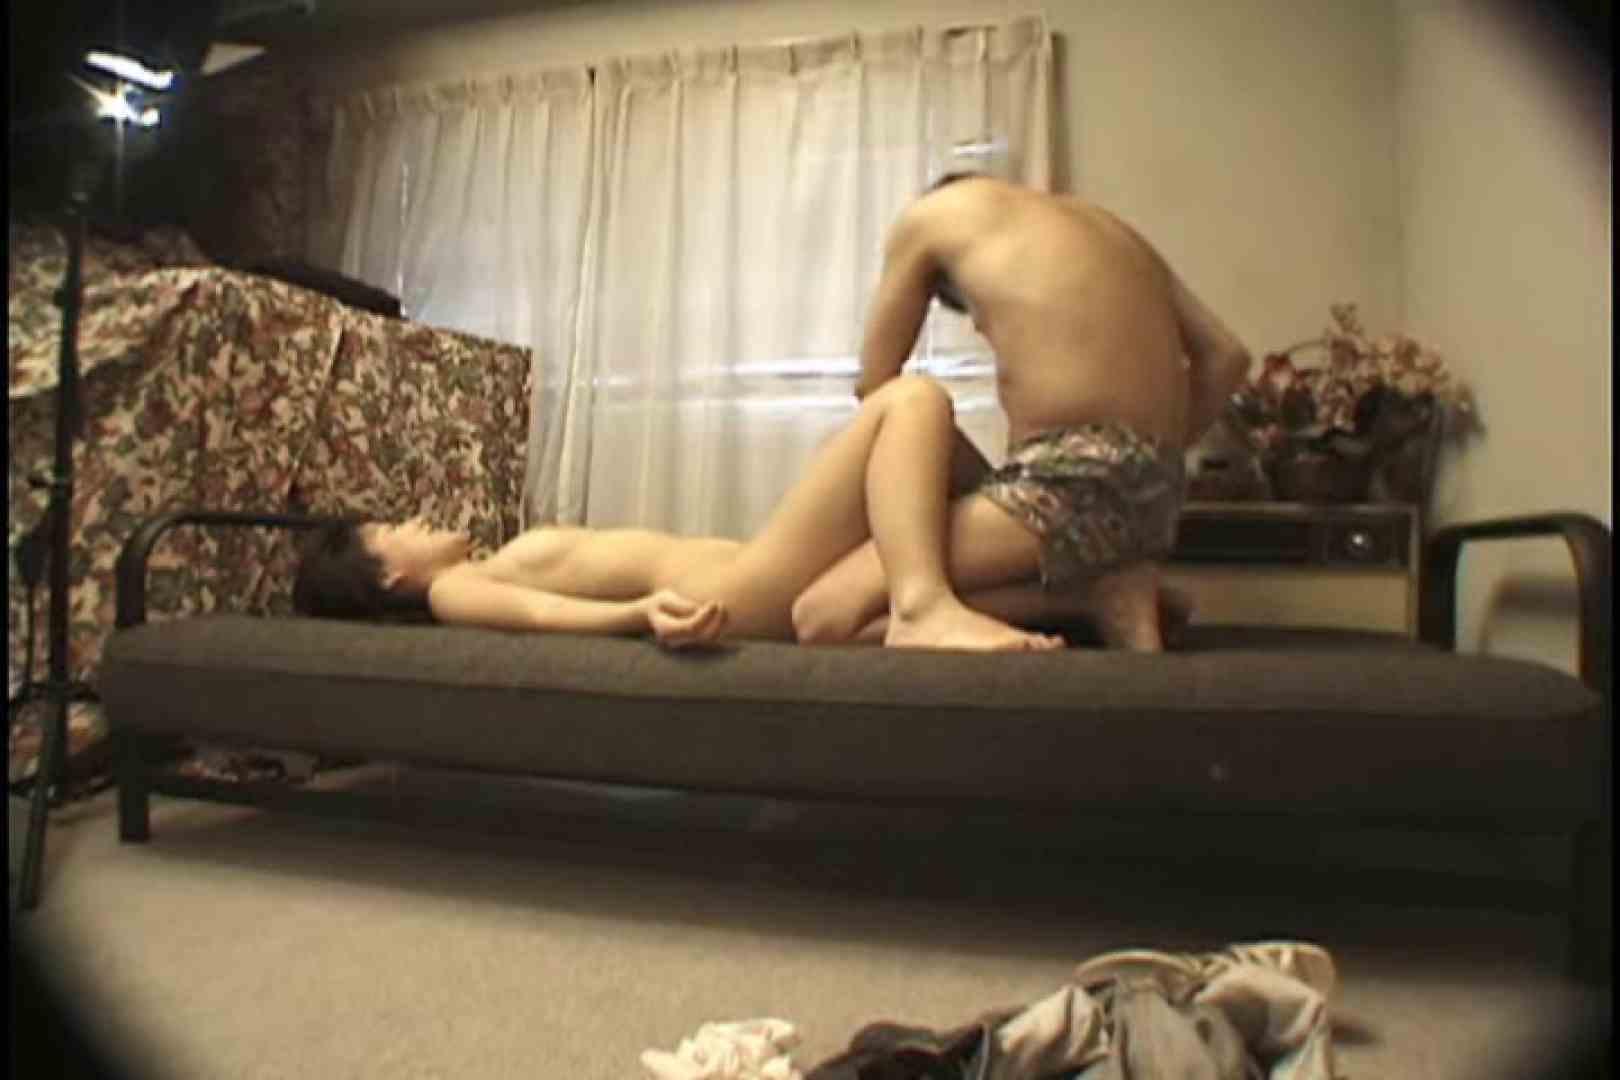 素人嬢126人のハメ撮り 竹之内歩美 メーカー直接買い取り | モデル  106画像 98